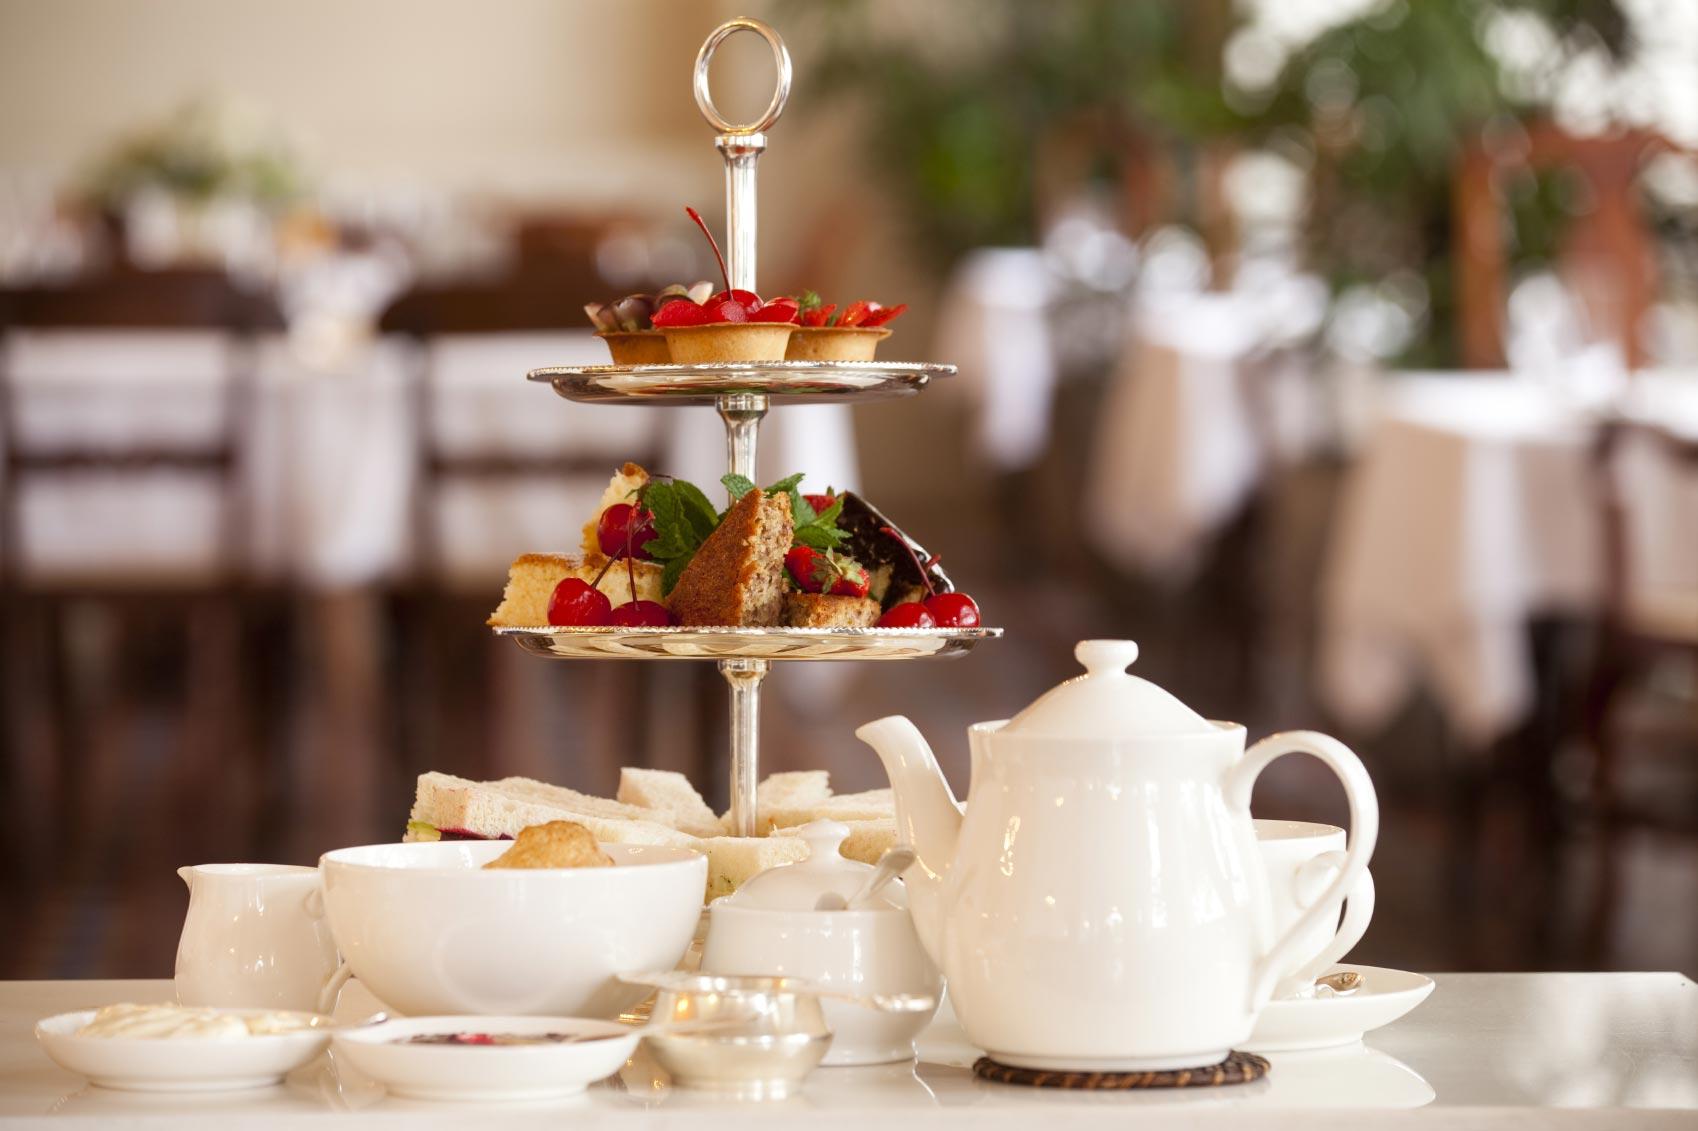 Tomar um fabuloso Afternoon Tea